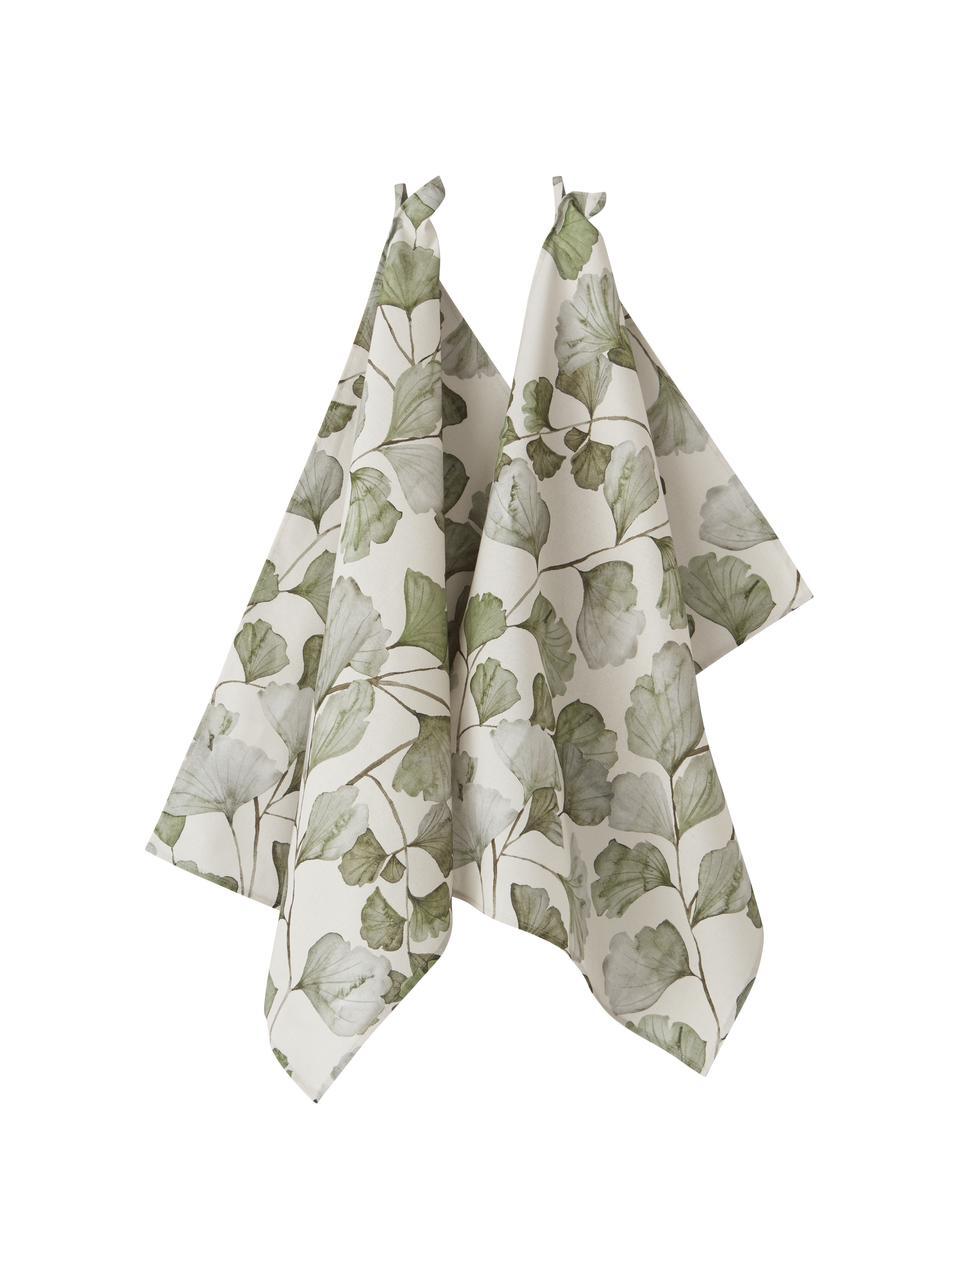 Baumwoll-Geschirrtücher Gigi mit Blättermotiven, 2 Stück, 100% Baumwolle, Beige, Grün, 50 x 70 cm